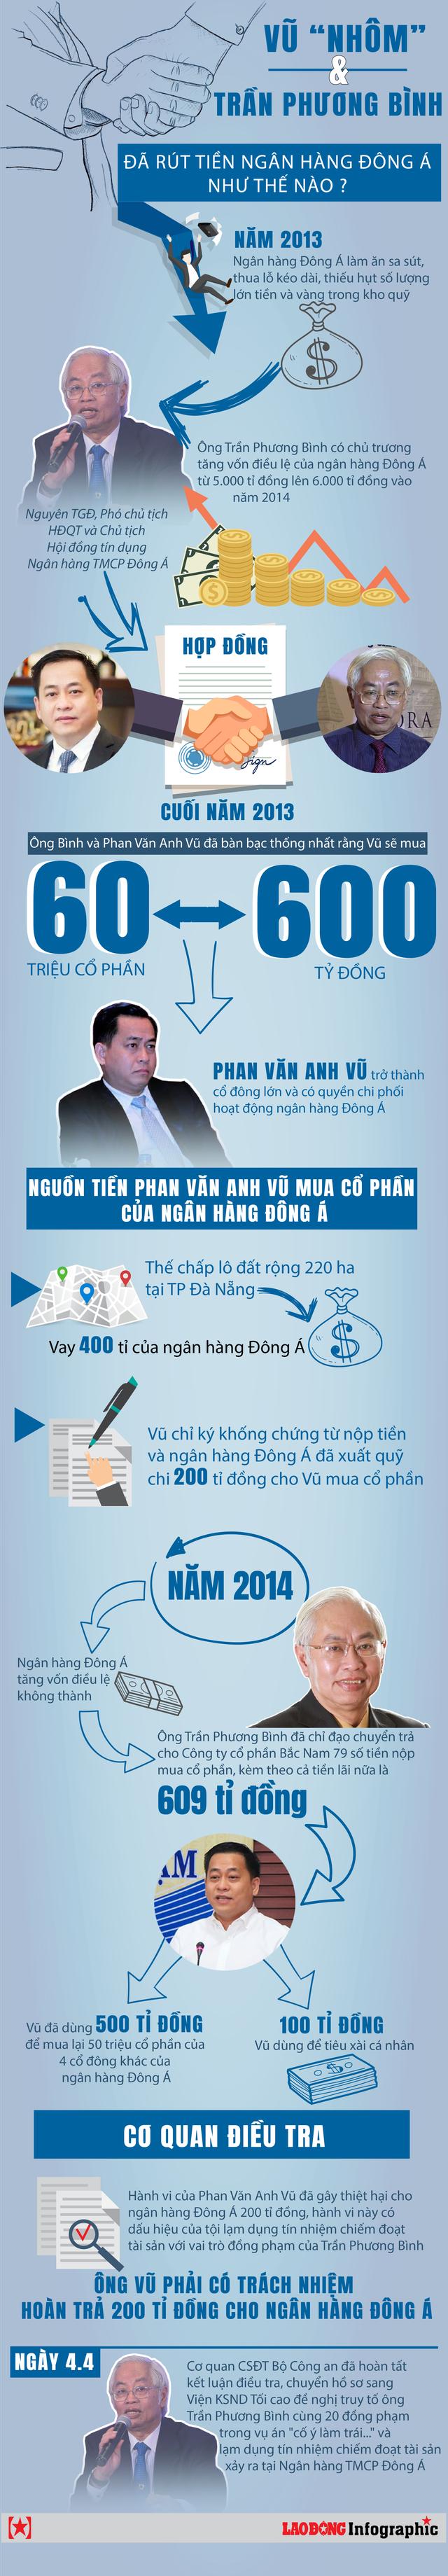 """Infographic: Vũ """"Nhôm"""" đã bắt tay với Trần Phương Bình rút tiền từ DongA Bank thế nào? - 1"""